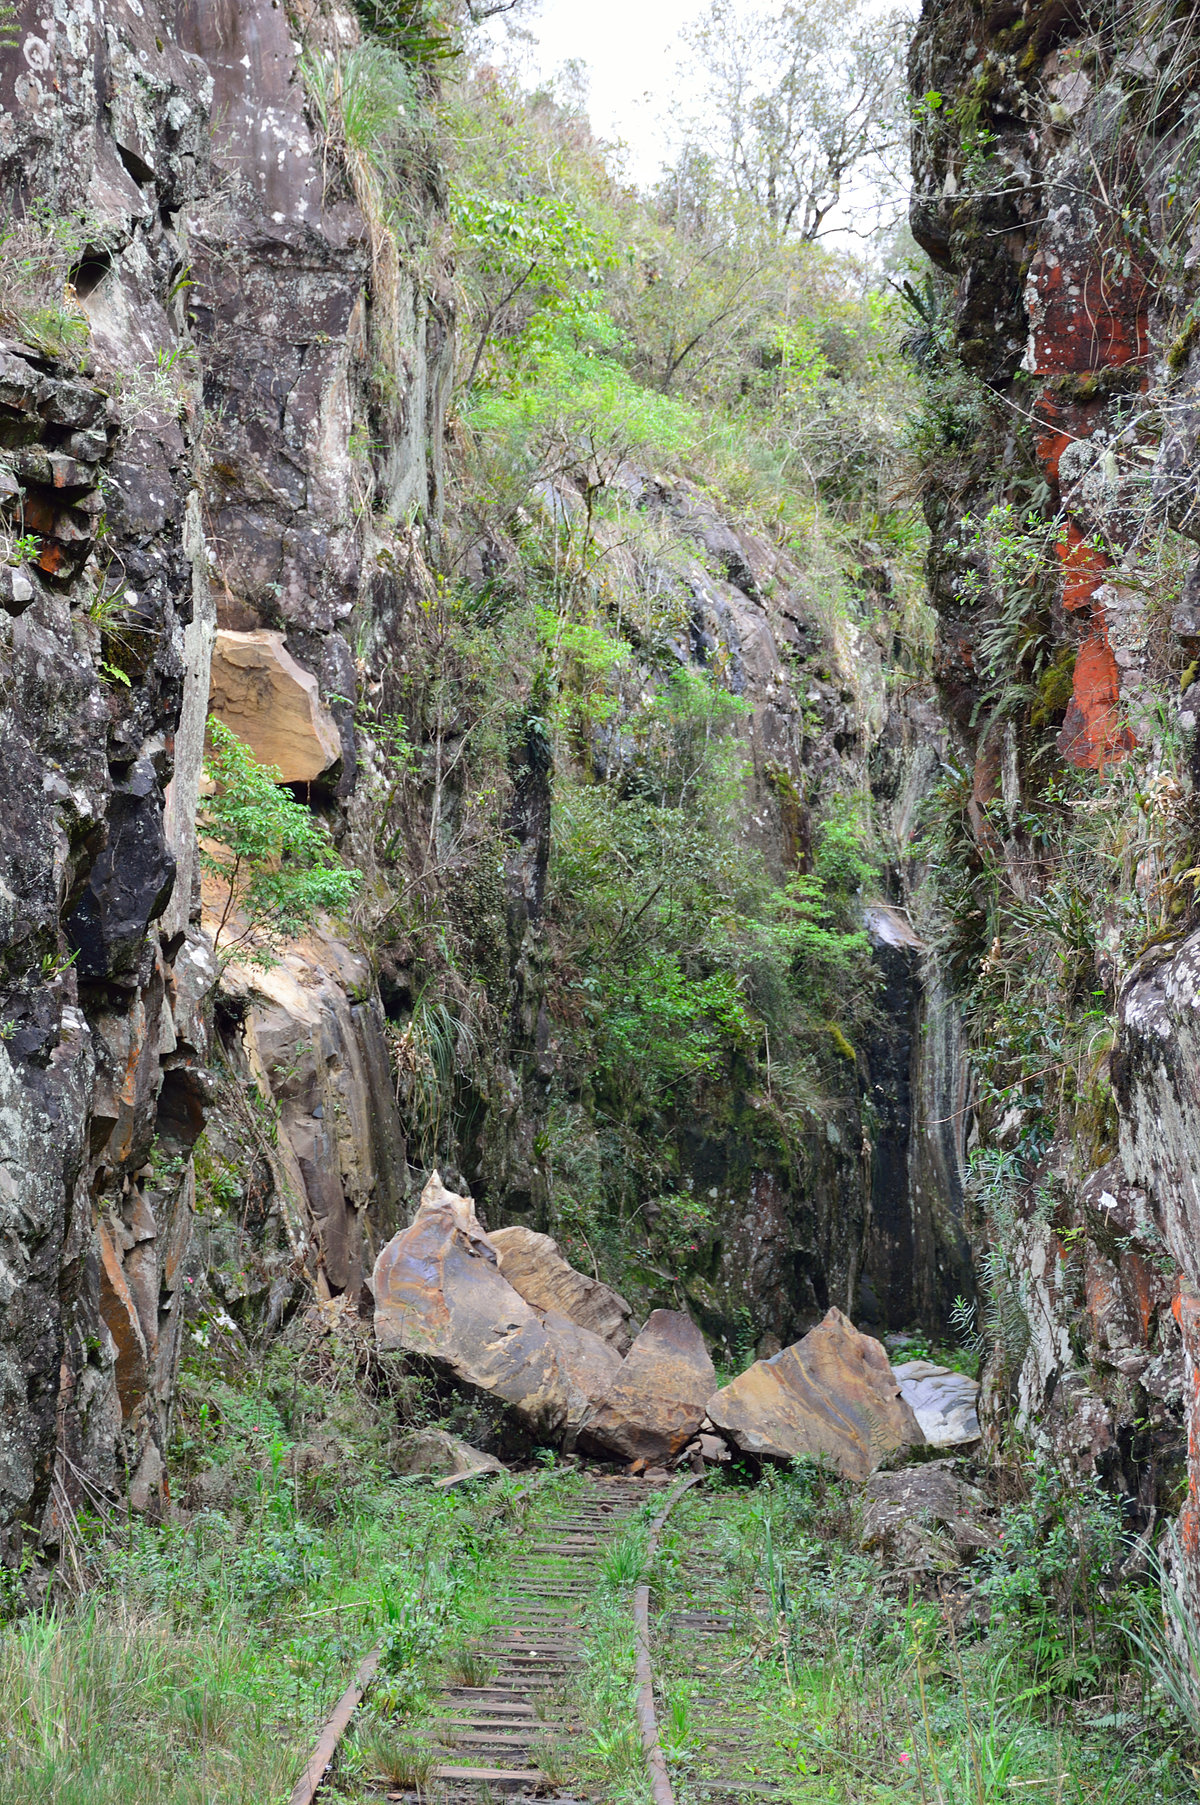 Figura 10: Desabamento de pedras perto da cachoeira do km 13 (Set/2015)